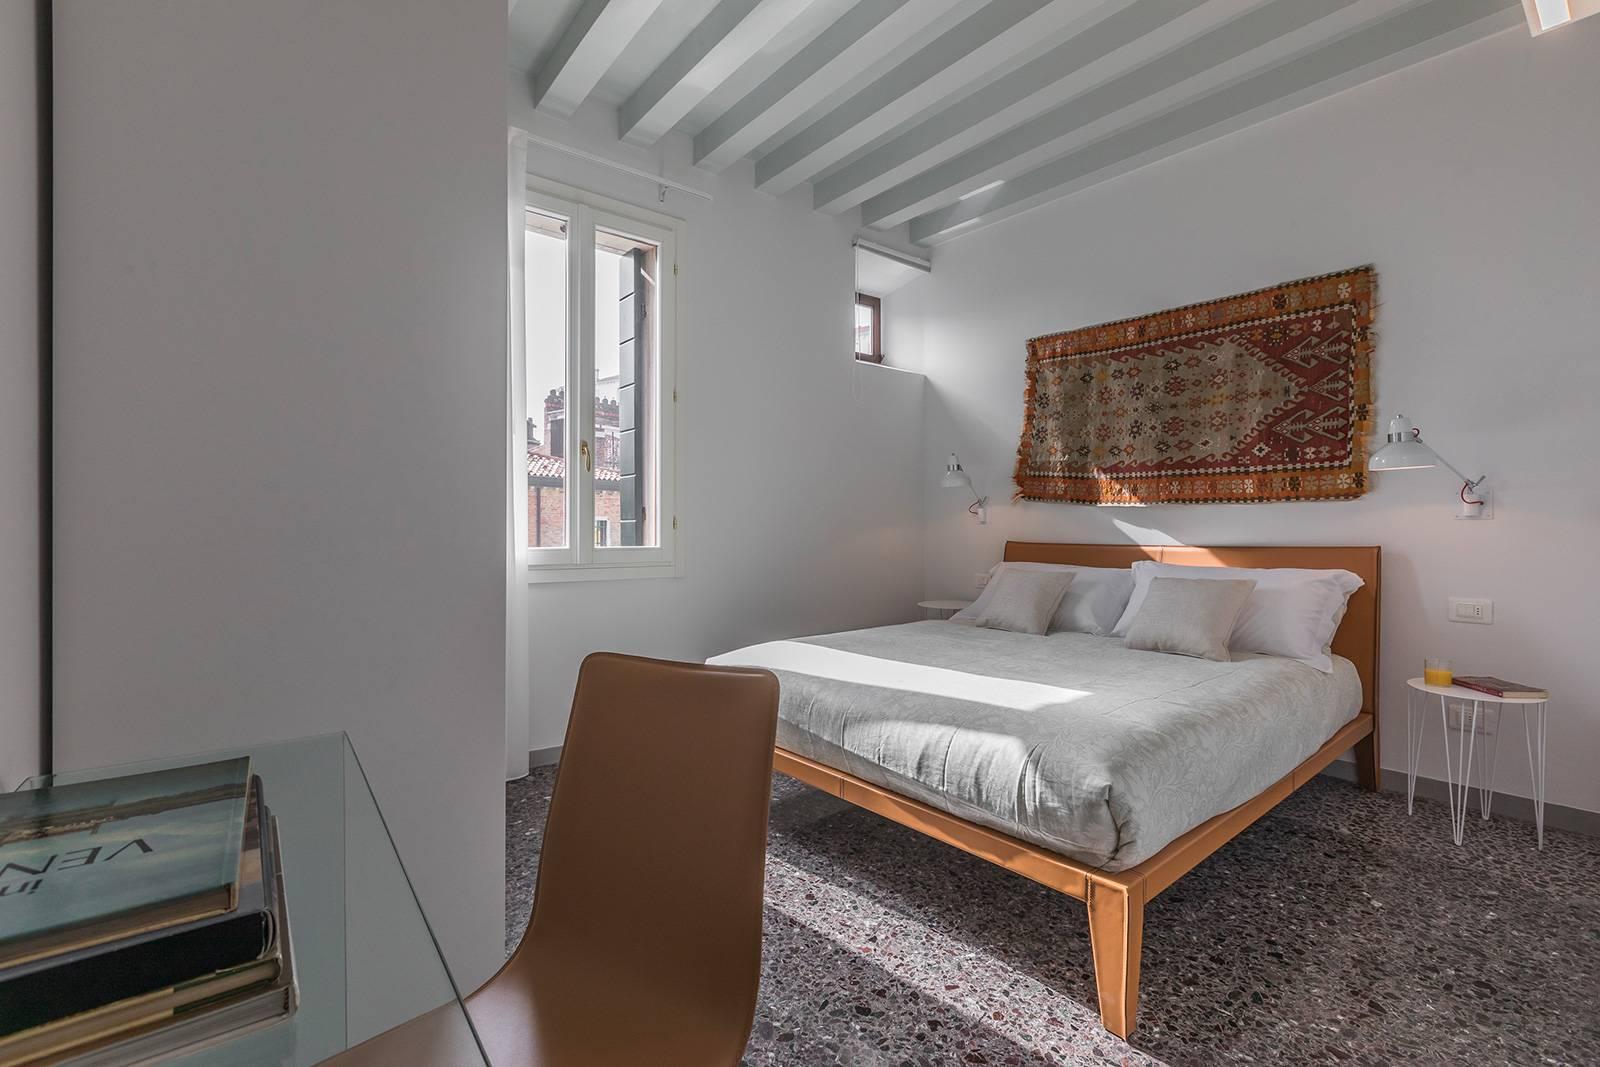 master bedroom, with wardrobe, desk and en-suite bathroom